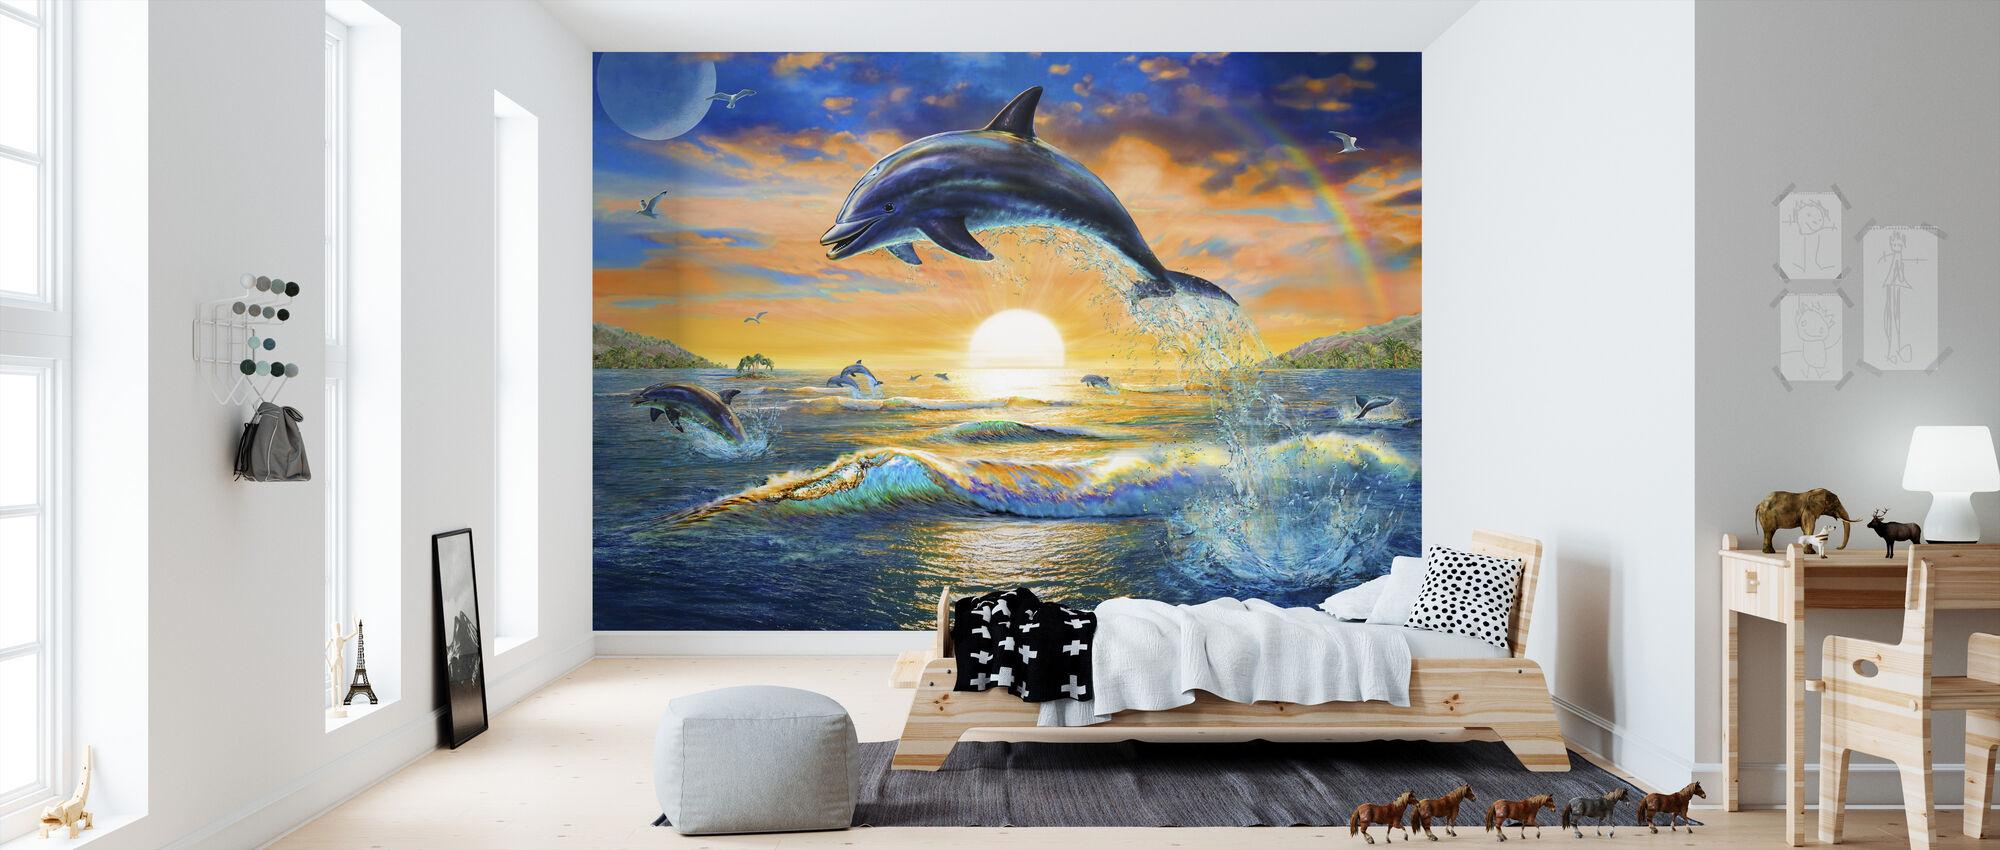 Dolphin Sunrise - Wallpaper - Kids Room